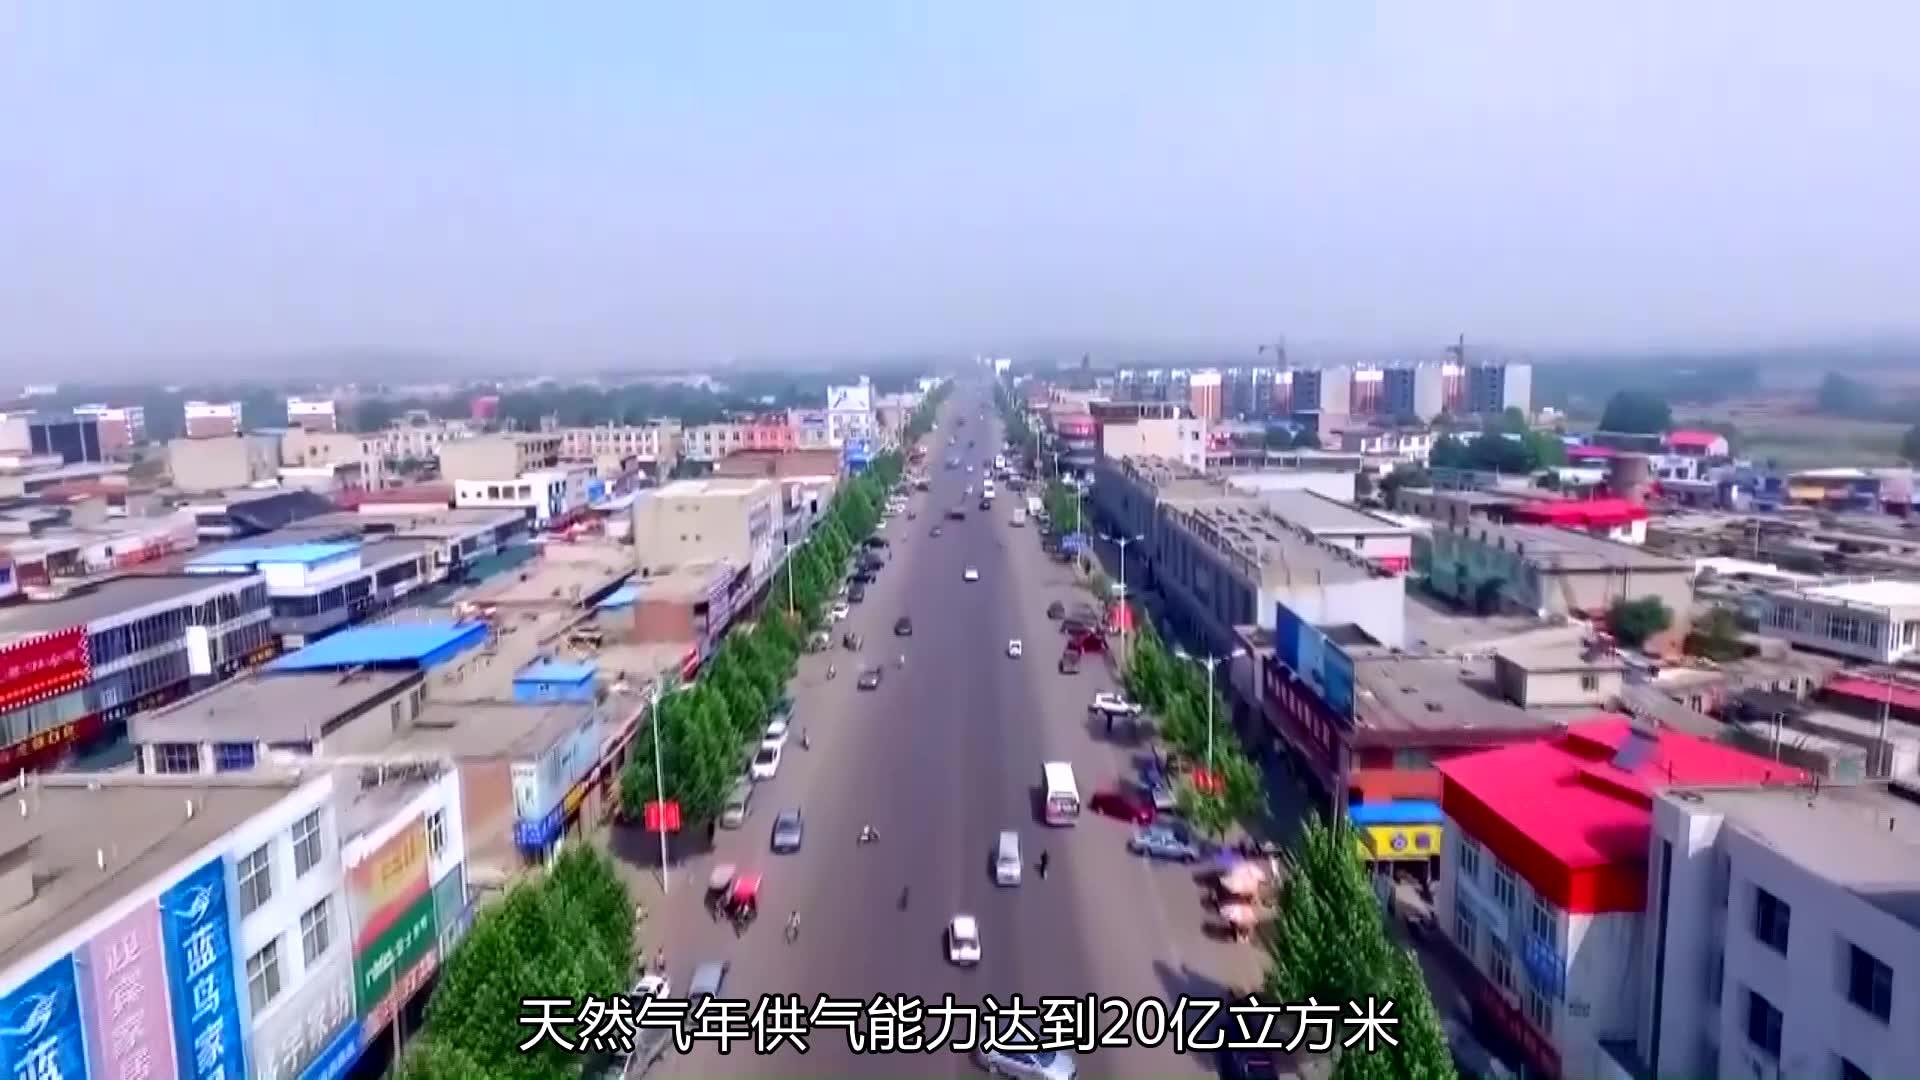 《中国推介》之《中国玻璃城——沙河》